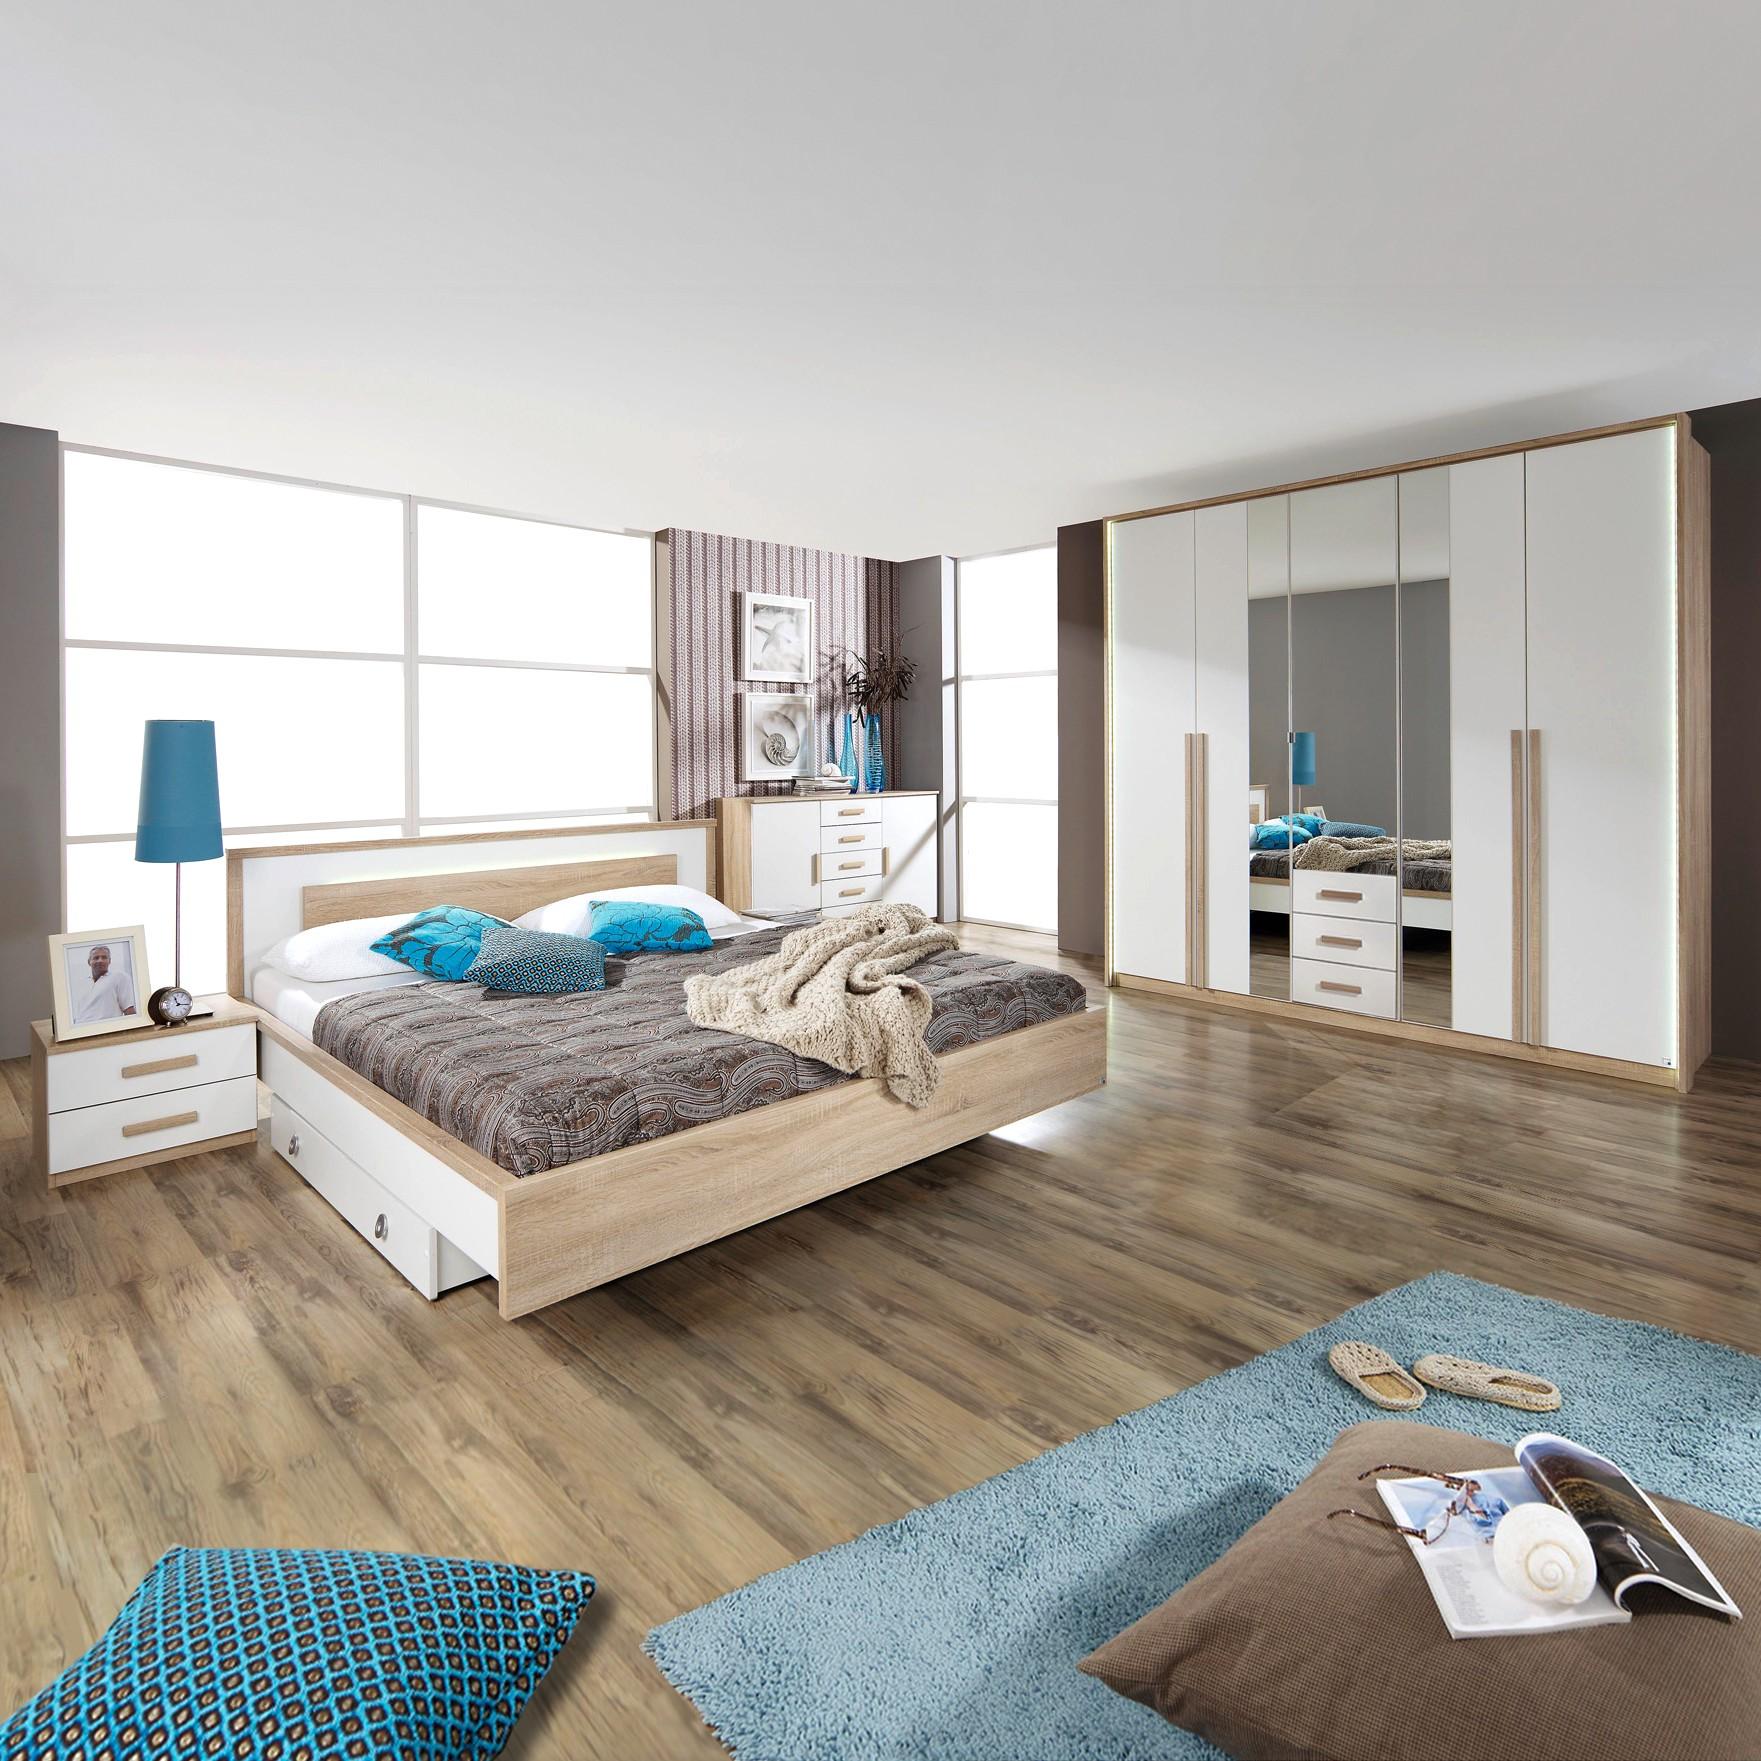 Schlafzimmerset Nancy – Set mit Bett 160x200cm, Rauch Pack´s kaufen